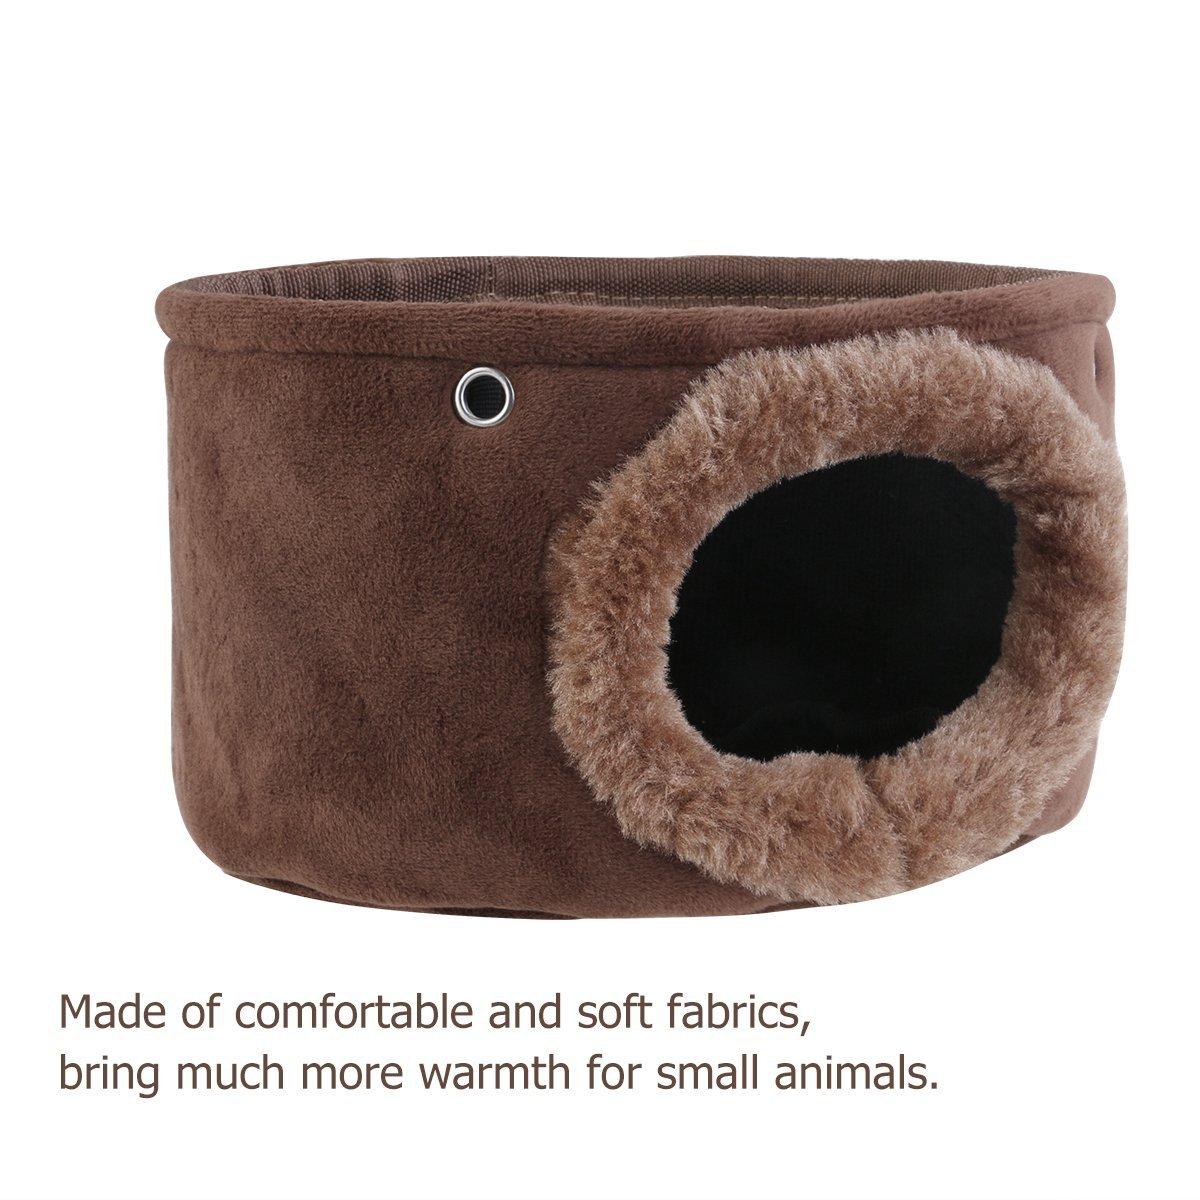 cincill/à porcellini d/'India per scoiattoli ratti e topi WINOMO piccola amaca giocattolo per animali da compagnia